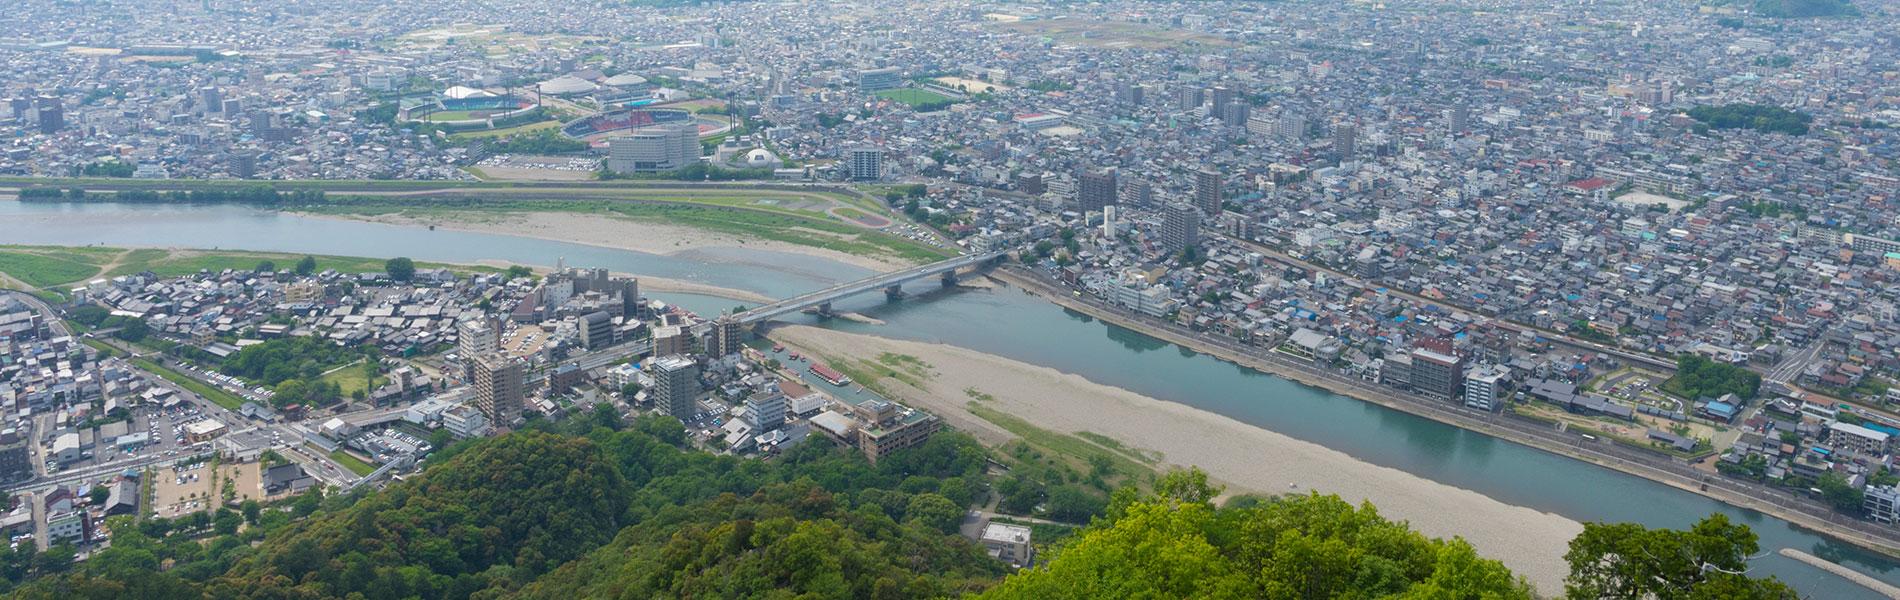 ツアーコンサルタンツは岐阜の旅行会社です